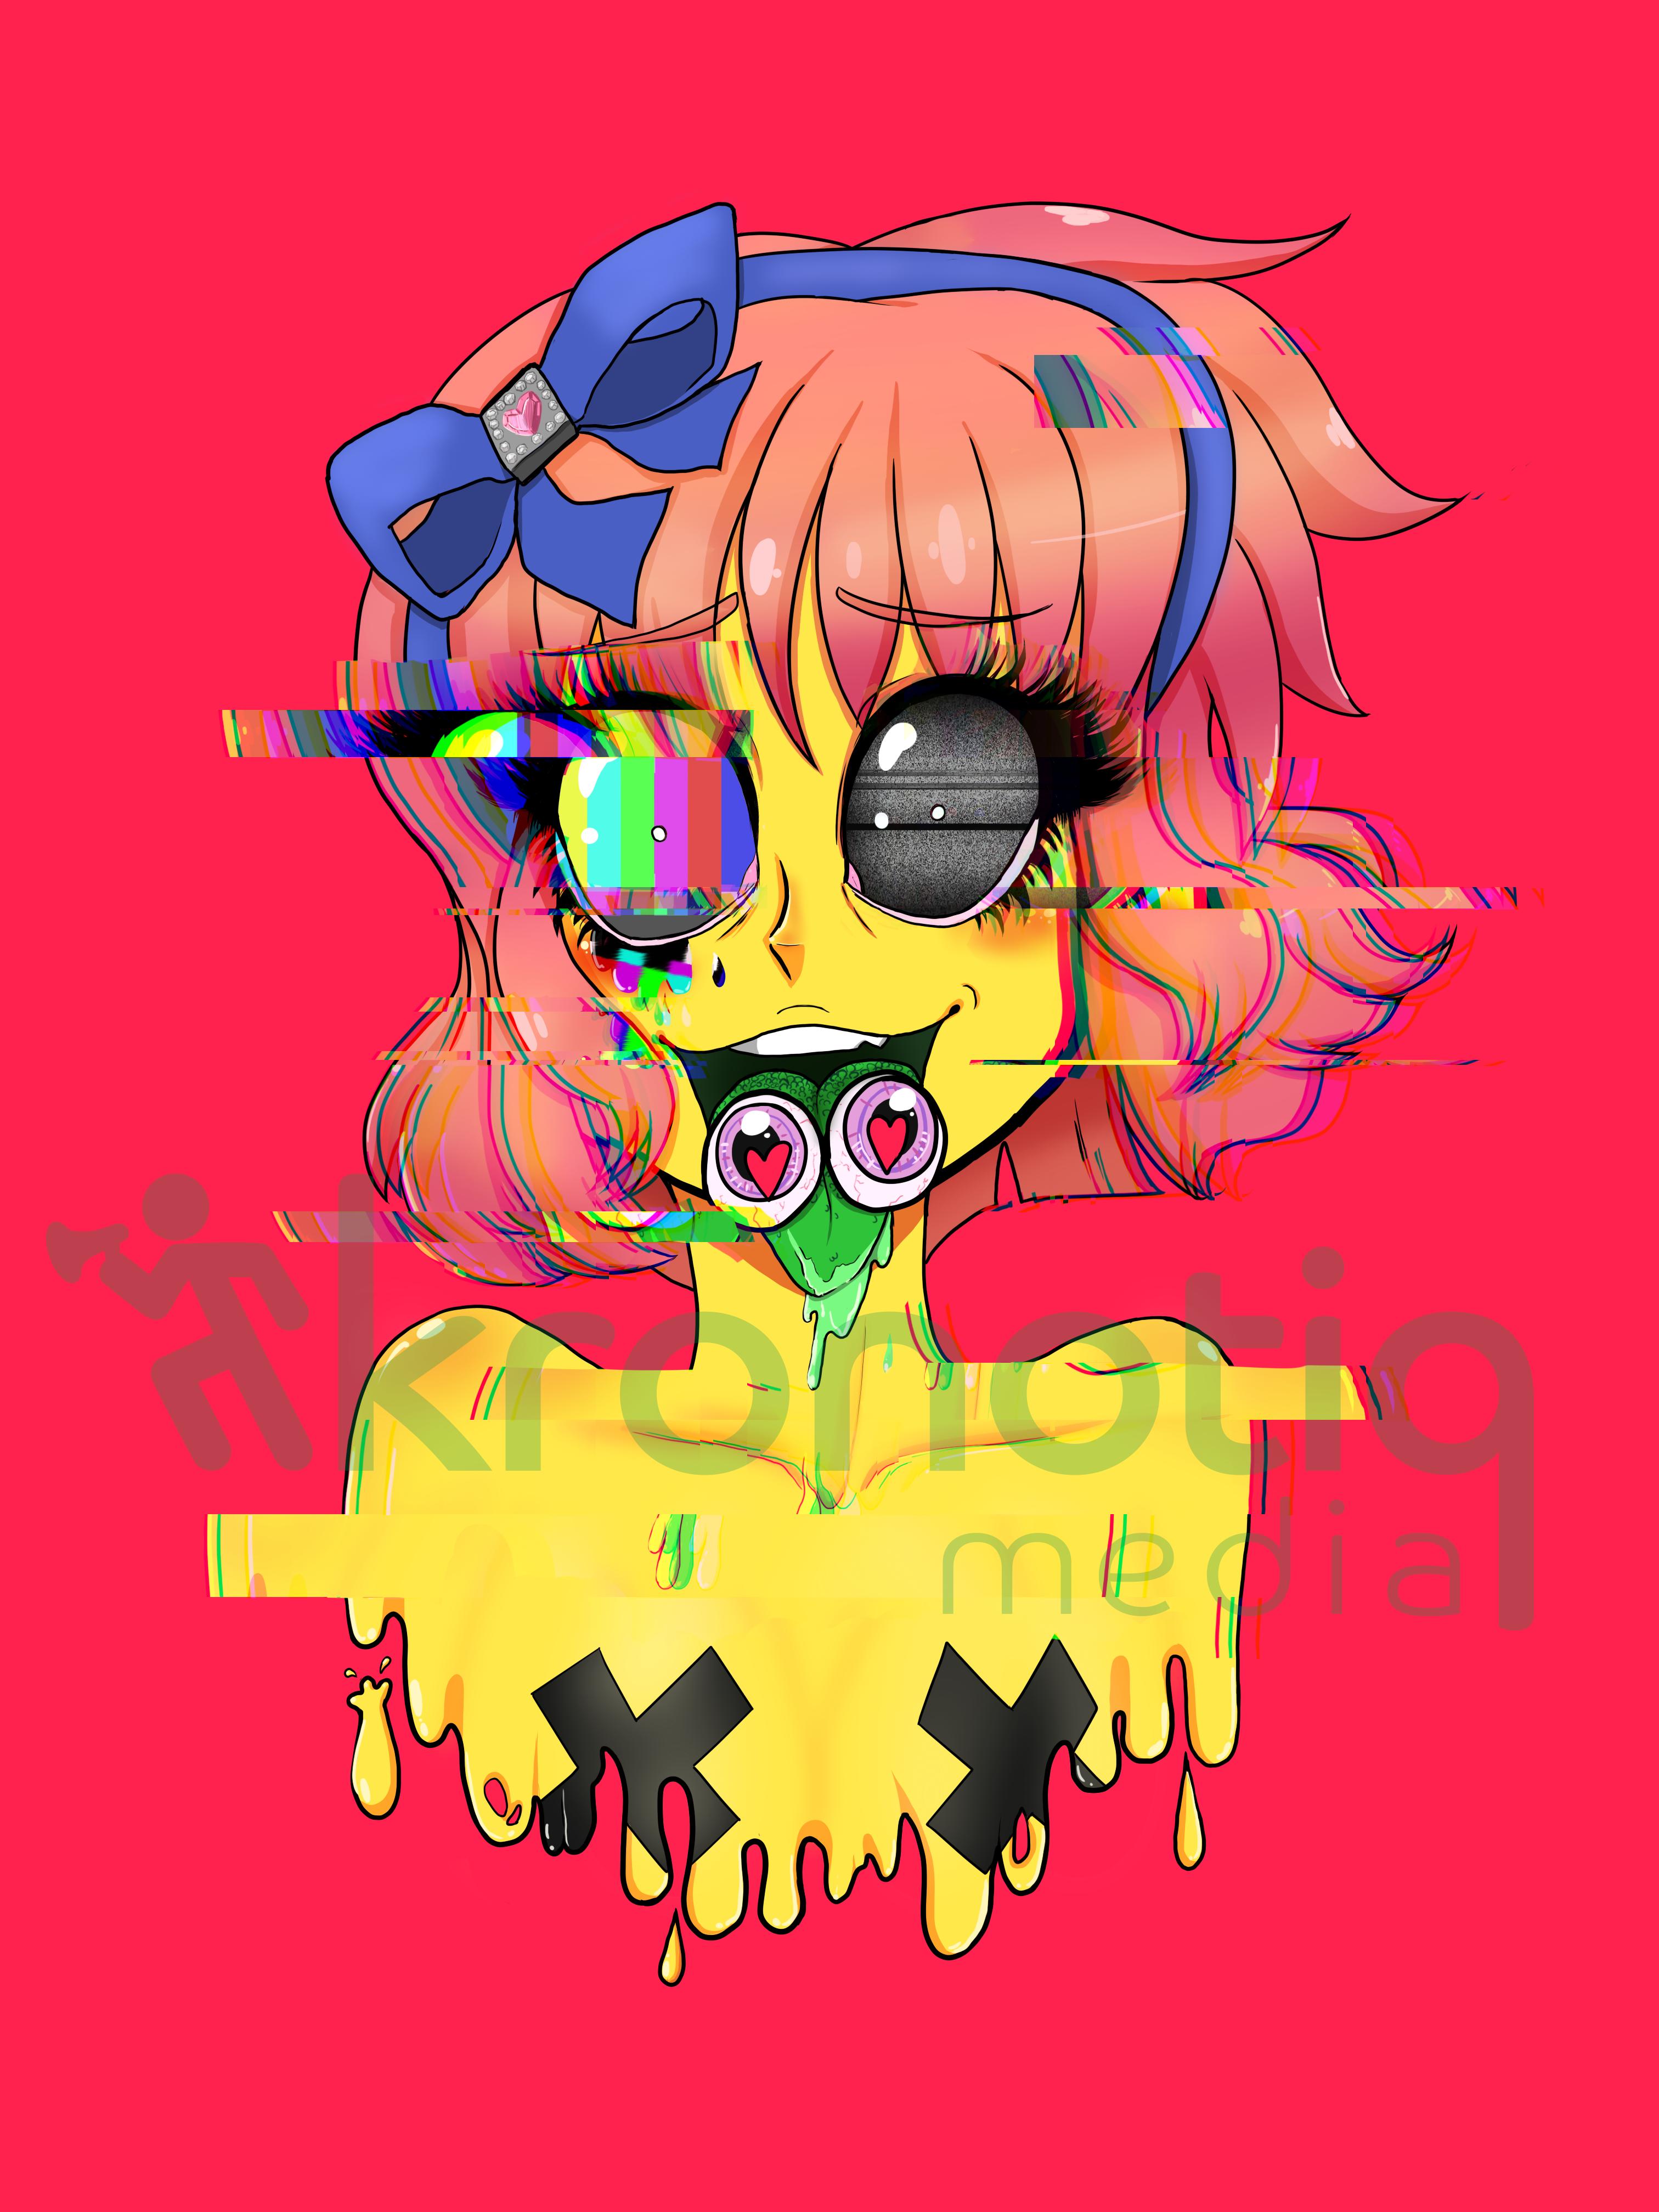 Drool by Graffiti2D